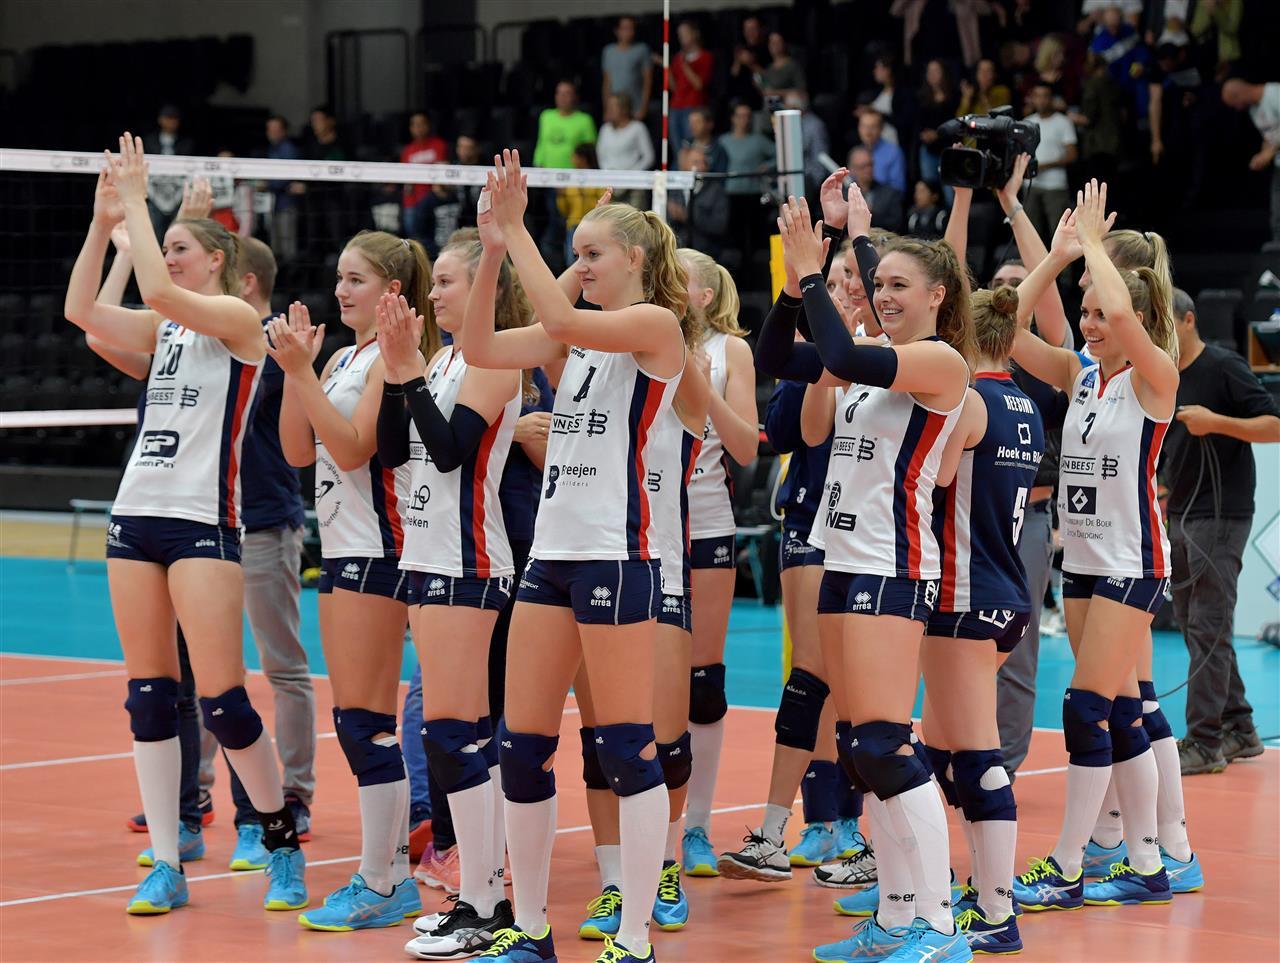 Makkelijke Zege Sliedrecht Sport Vizier Op Volleybal